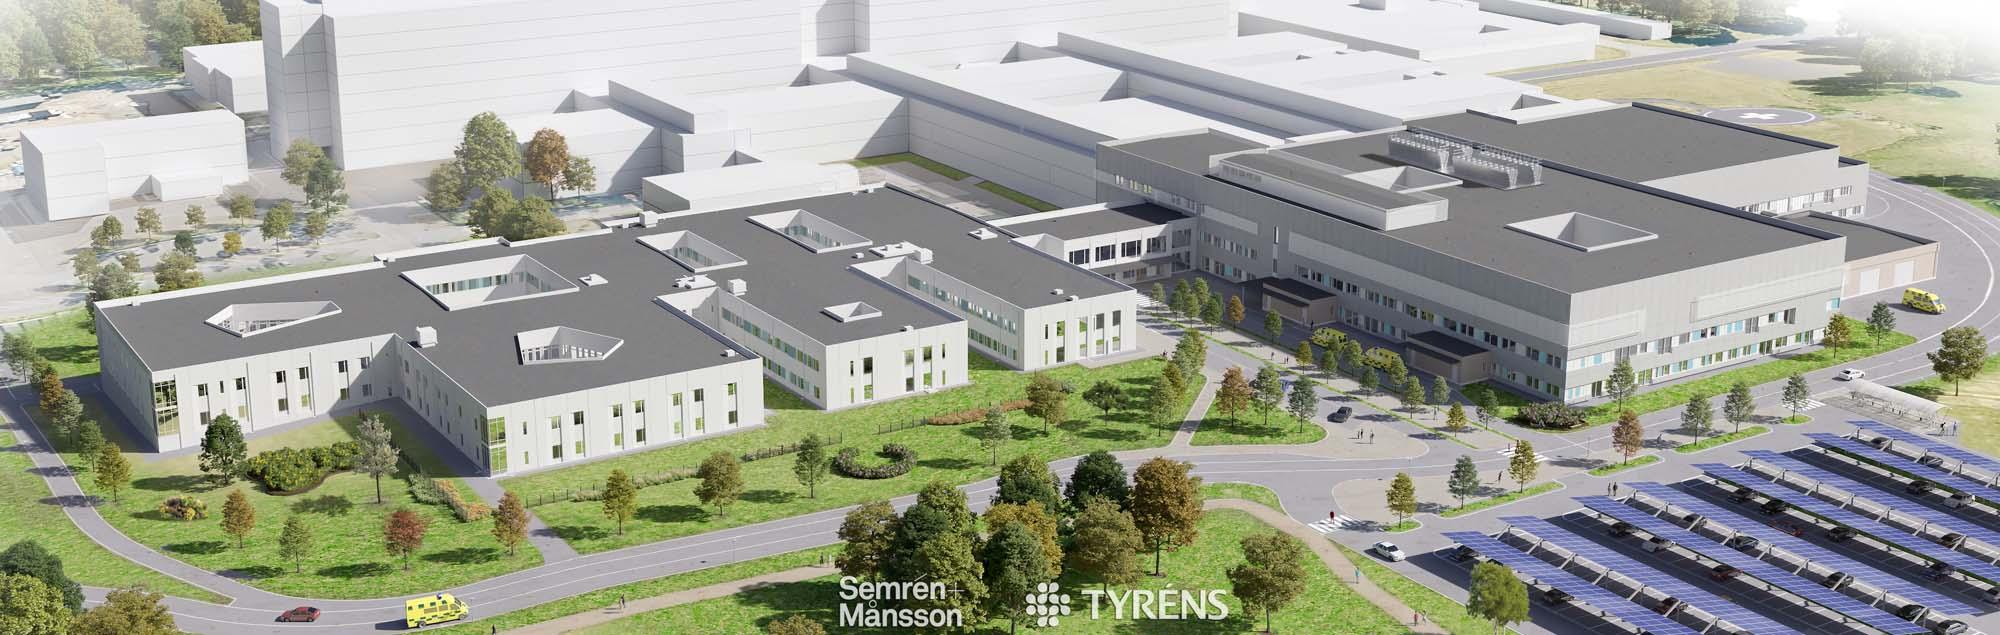 Hittills största projekt för Kynningsrud Prefab